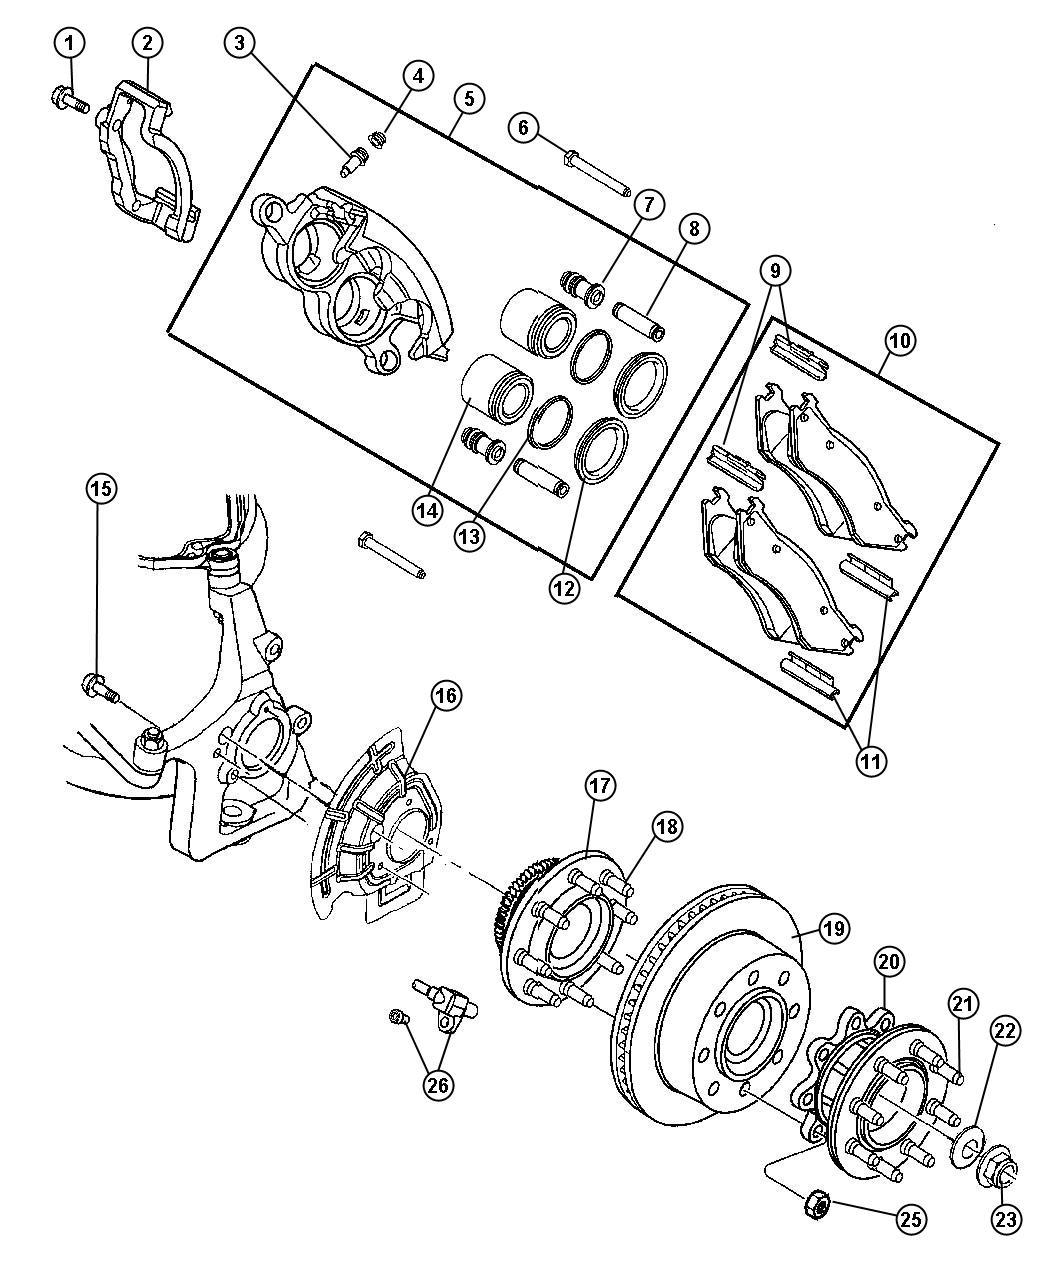 Chrysler Aspen Used For Hub And Bearing Brake